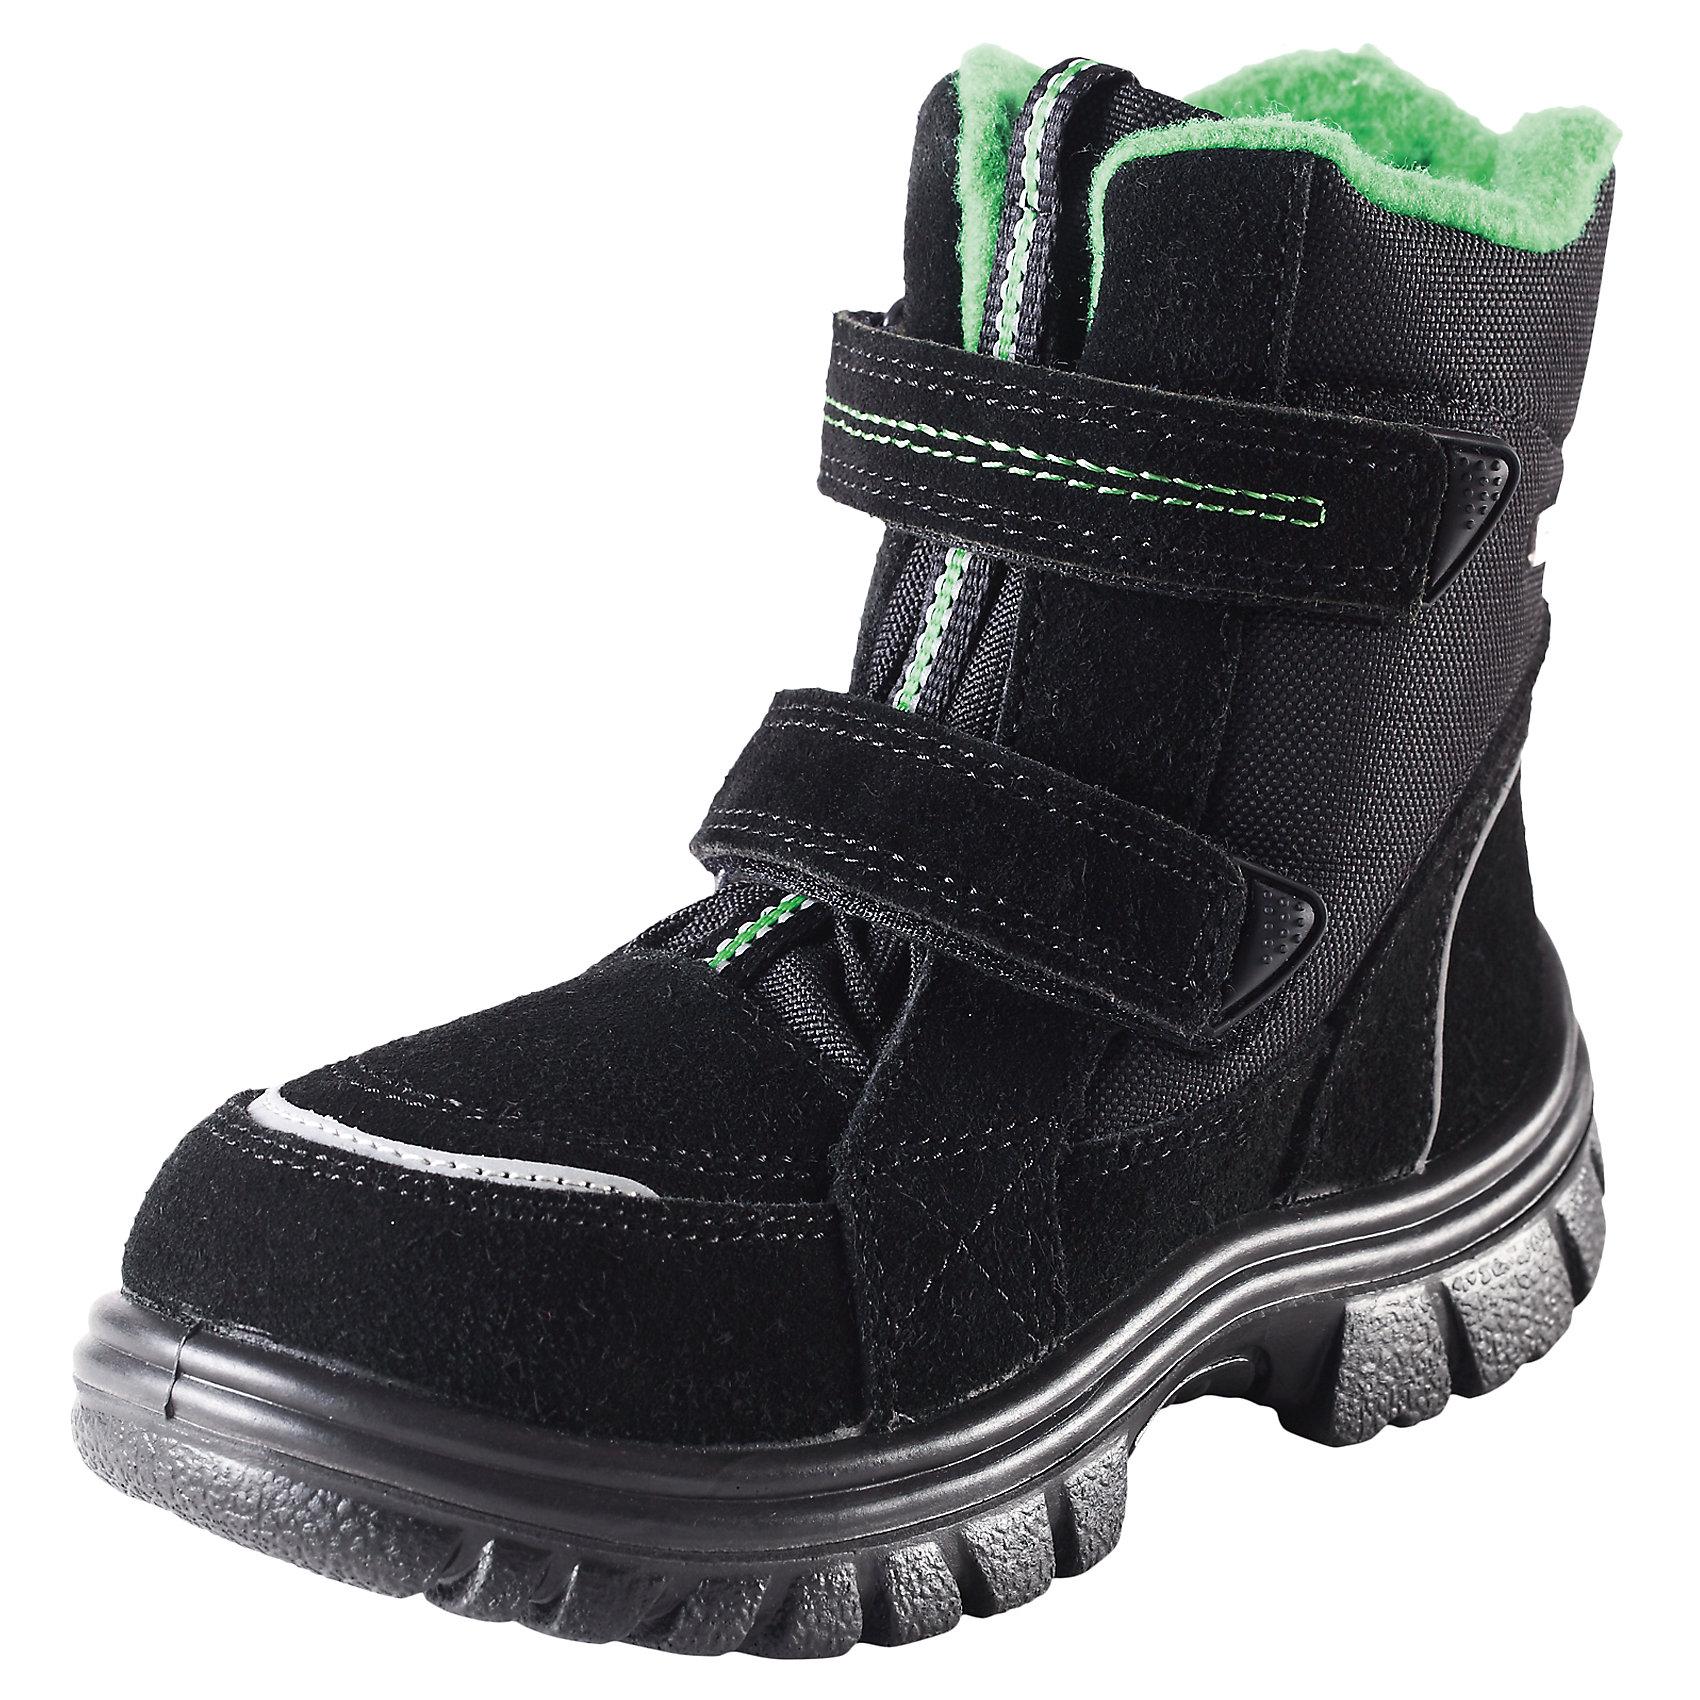 Зимние ботинки Reimatec для мальчика ReimaДетские зимние ботинки Reimatec® с ремешками-застежками на липучке <br>Верх из натуральной замши и ткани с водонепроницаемым покрытием <br>Теплая меховая подкладка на тканевой основе и вынимающиеся войлочные стельки <br>Легкая полиуретановая подошва не пропускает холод от земли <br>Безопасные, со светоотражающими элементами<br>Состав:<br>Подошва: ПУ, Верх: 50% Кожа 50% ПЭ<br><br>Ширина мм: 237<br>Глубина мм: 180<br>Высота мм: 152<br>Вес г: 438<br>Цвет: черный<br>Возраст от месяцев: 24<br>Возраст до месяцев: 36<br>Пол: Мужской<br>Возраст: Детский<br>Размер: 26,27,32,34,35,25,33,30,29,28,31,24<br>SKU: 4320117